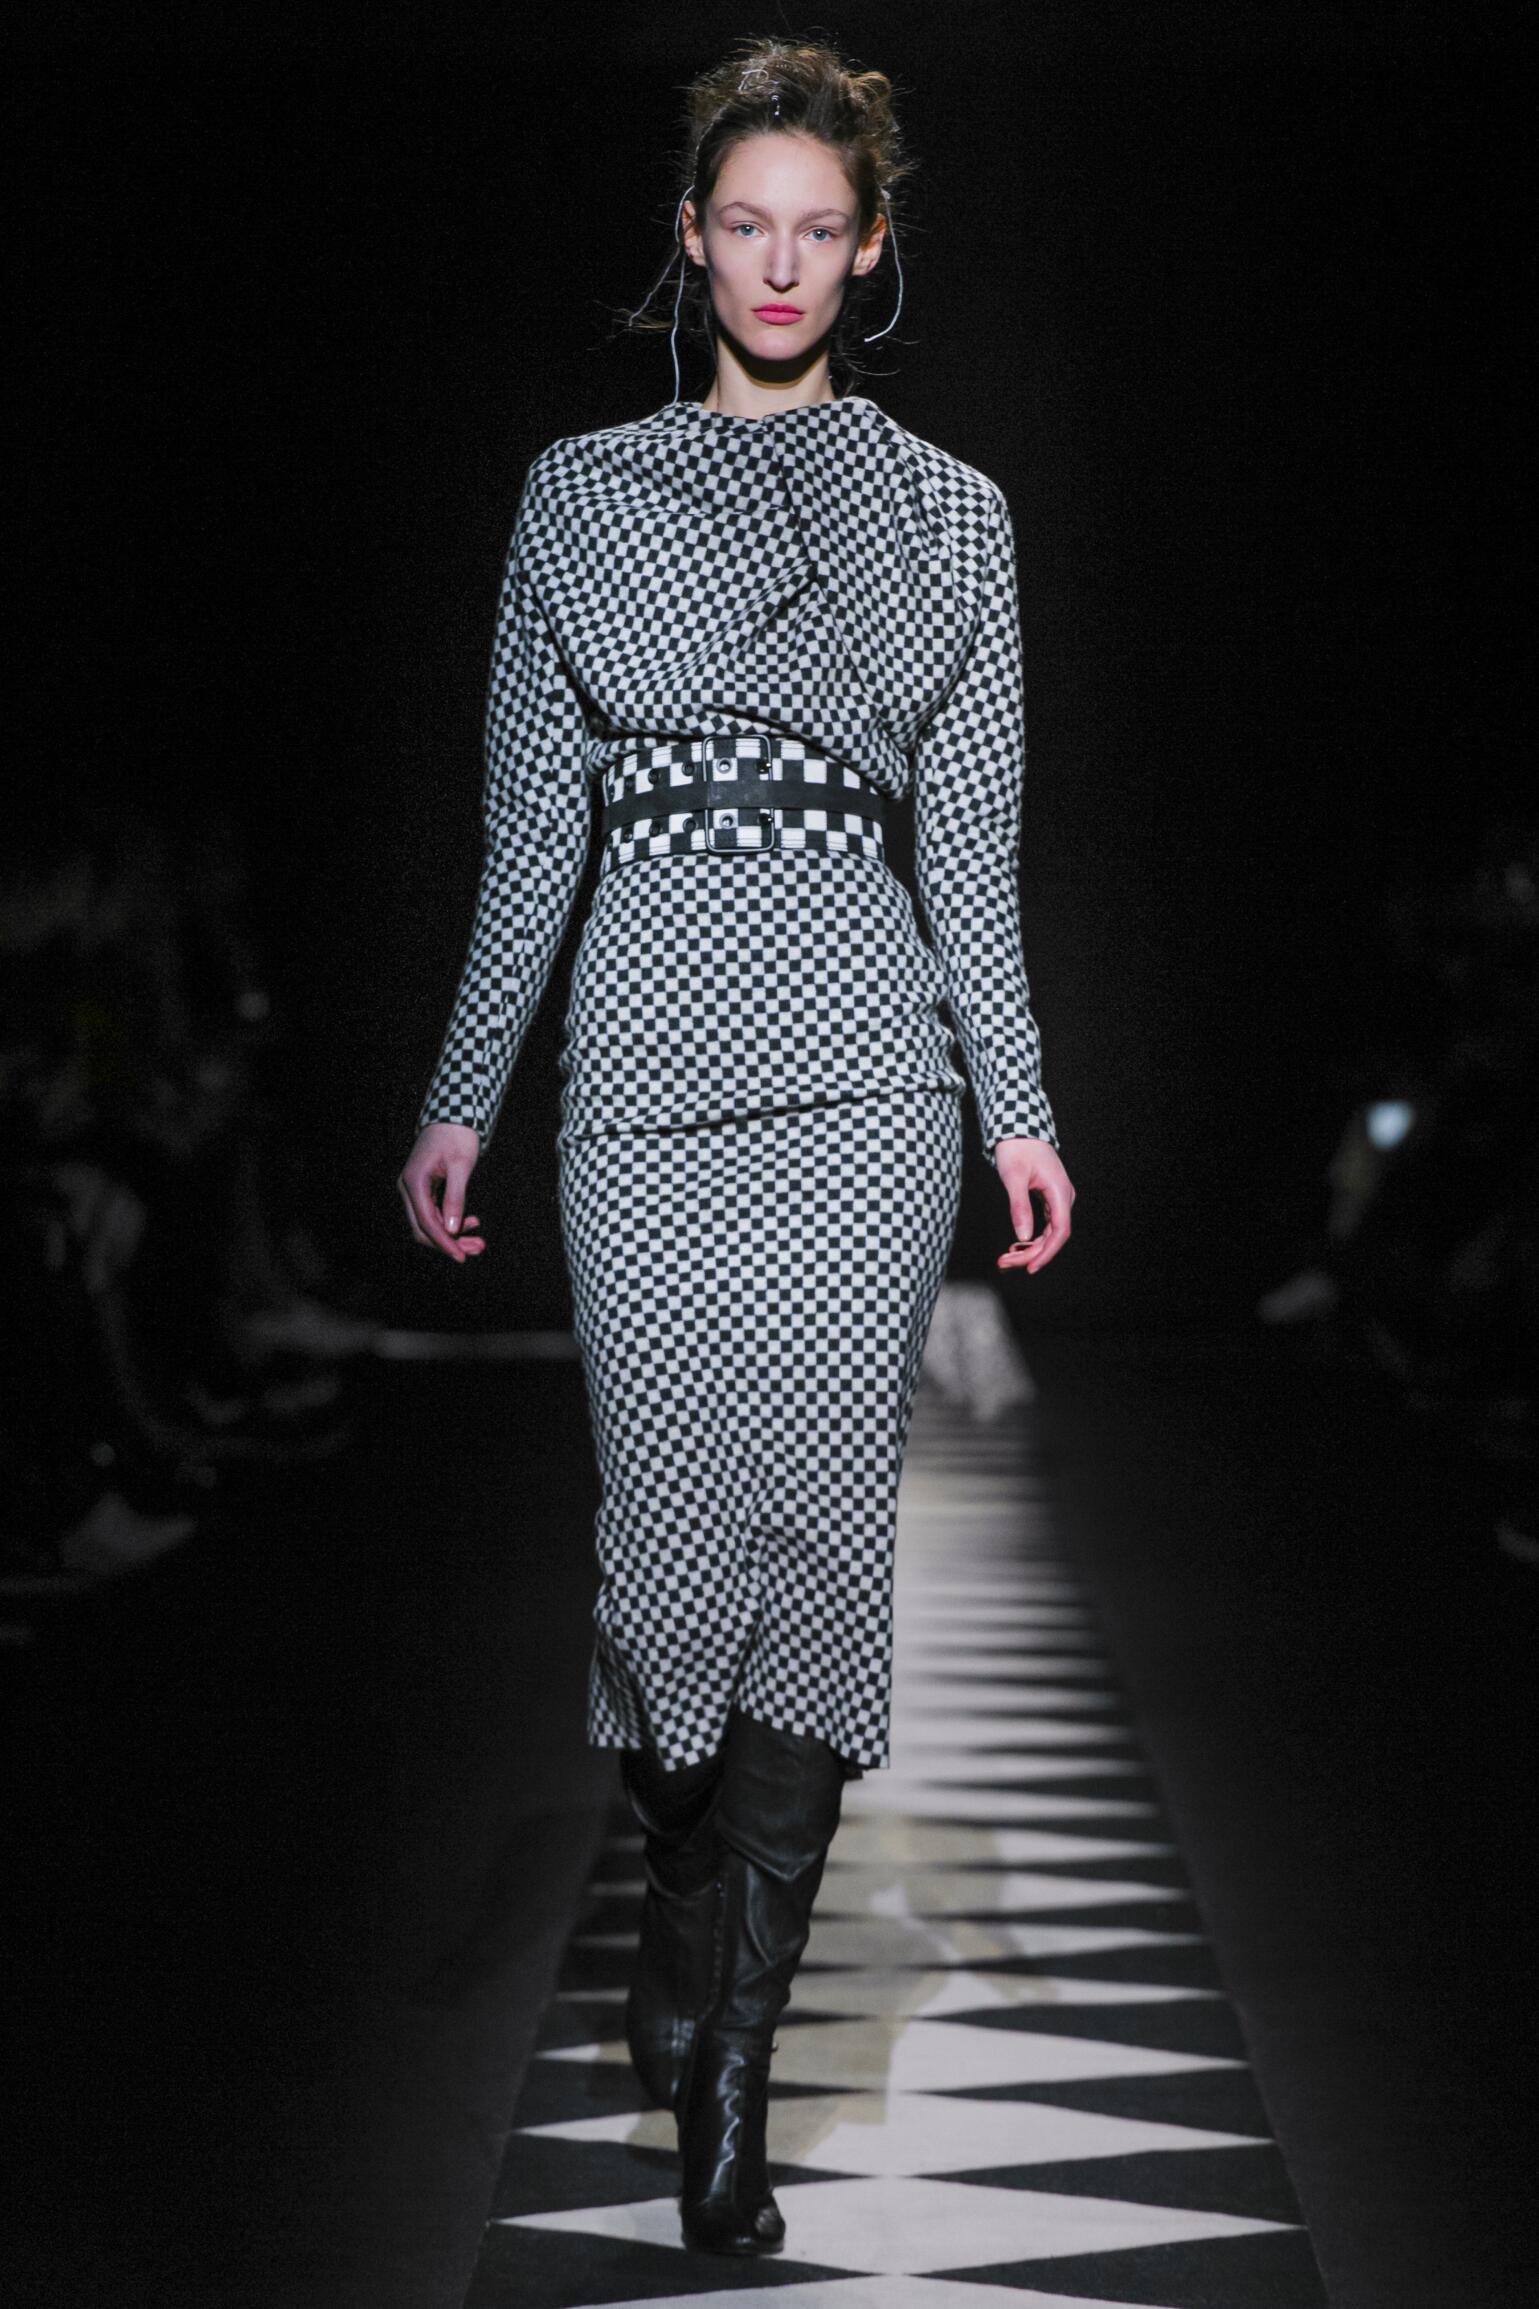 Catwalk Haider Ackermann Collection Fashion Show Winter 2015